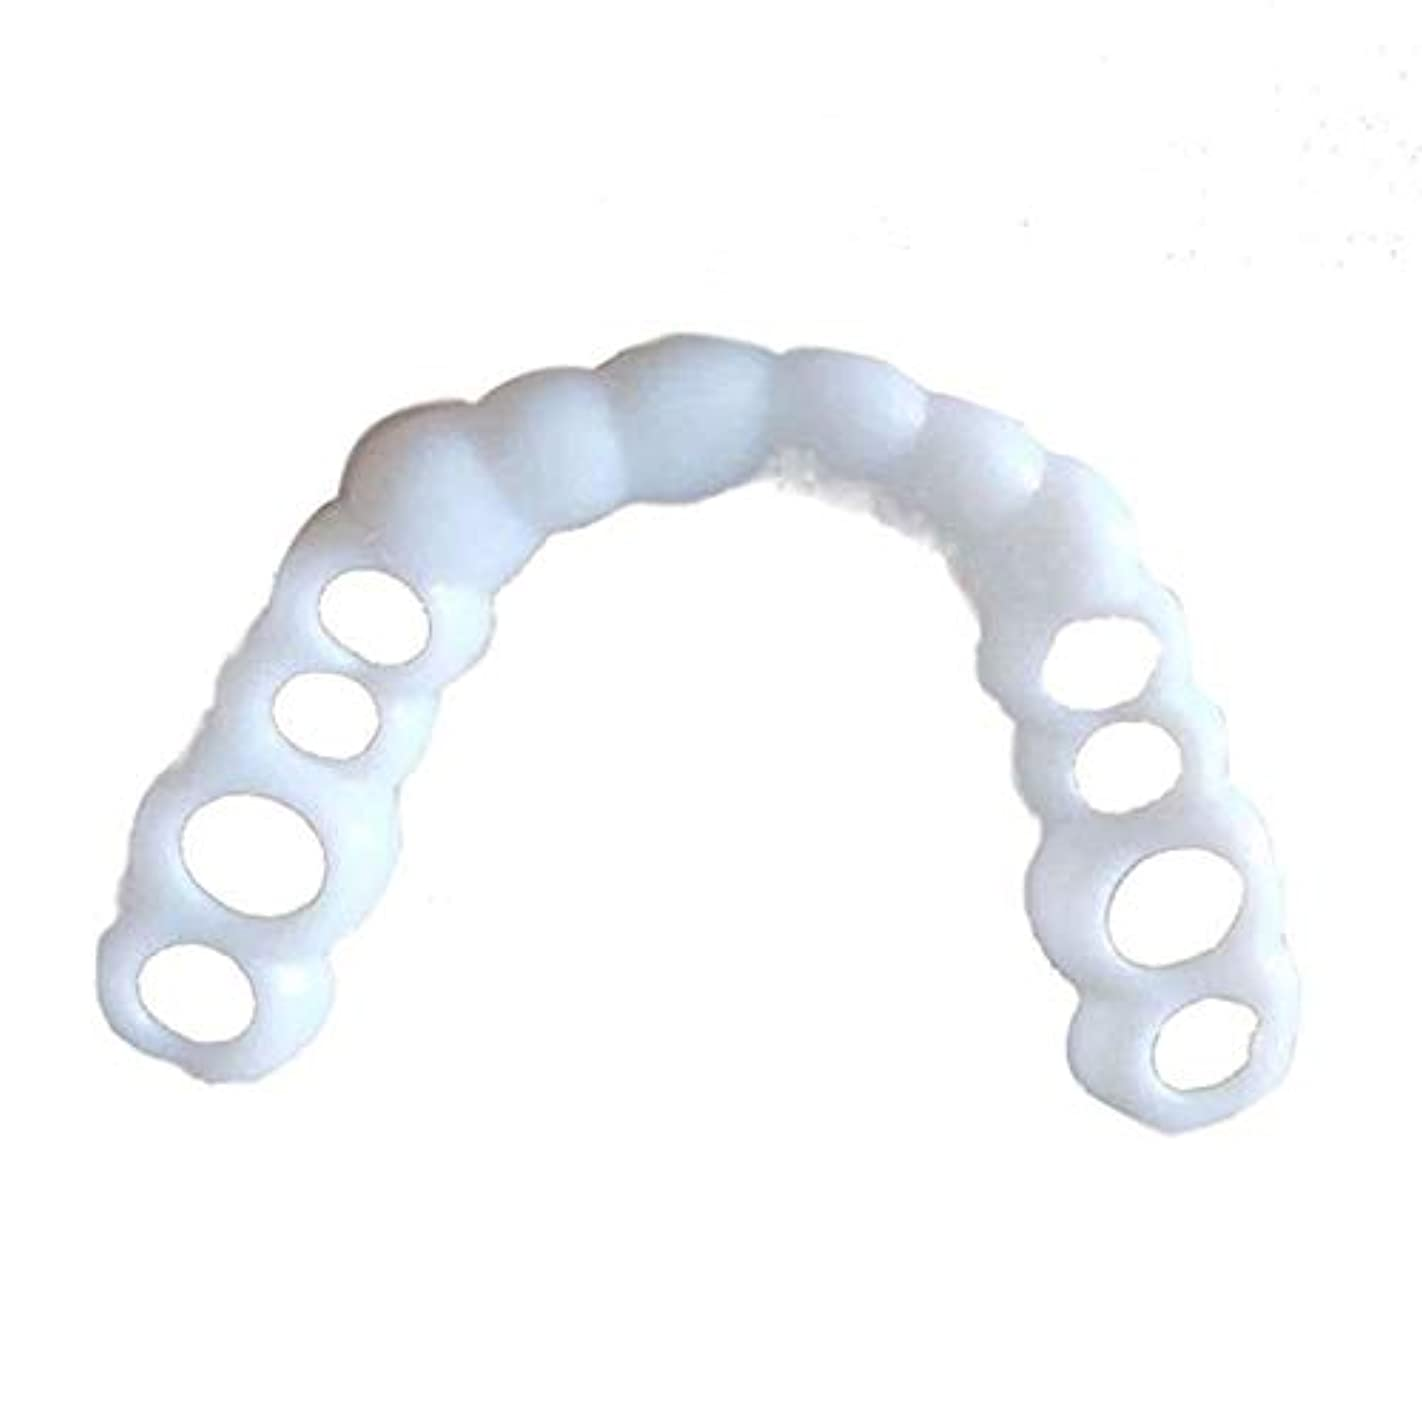 俳優薄める割り込みシリコーンシミュレーション歯ホワイトニングブレース(5個),Lower